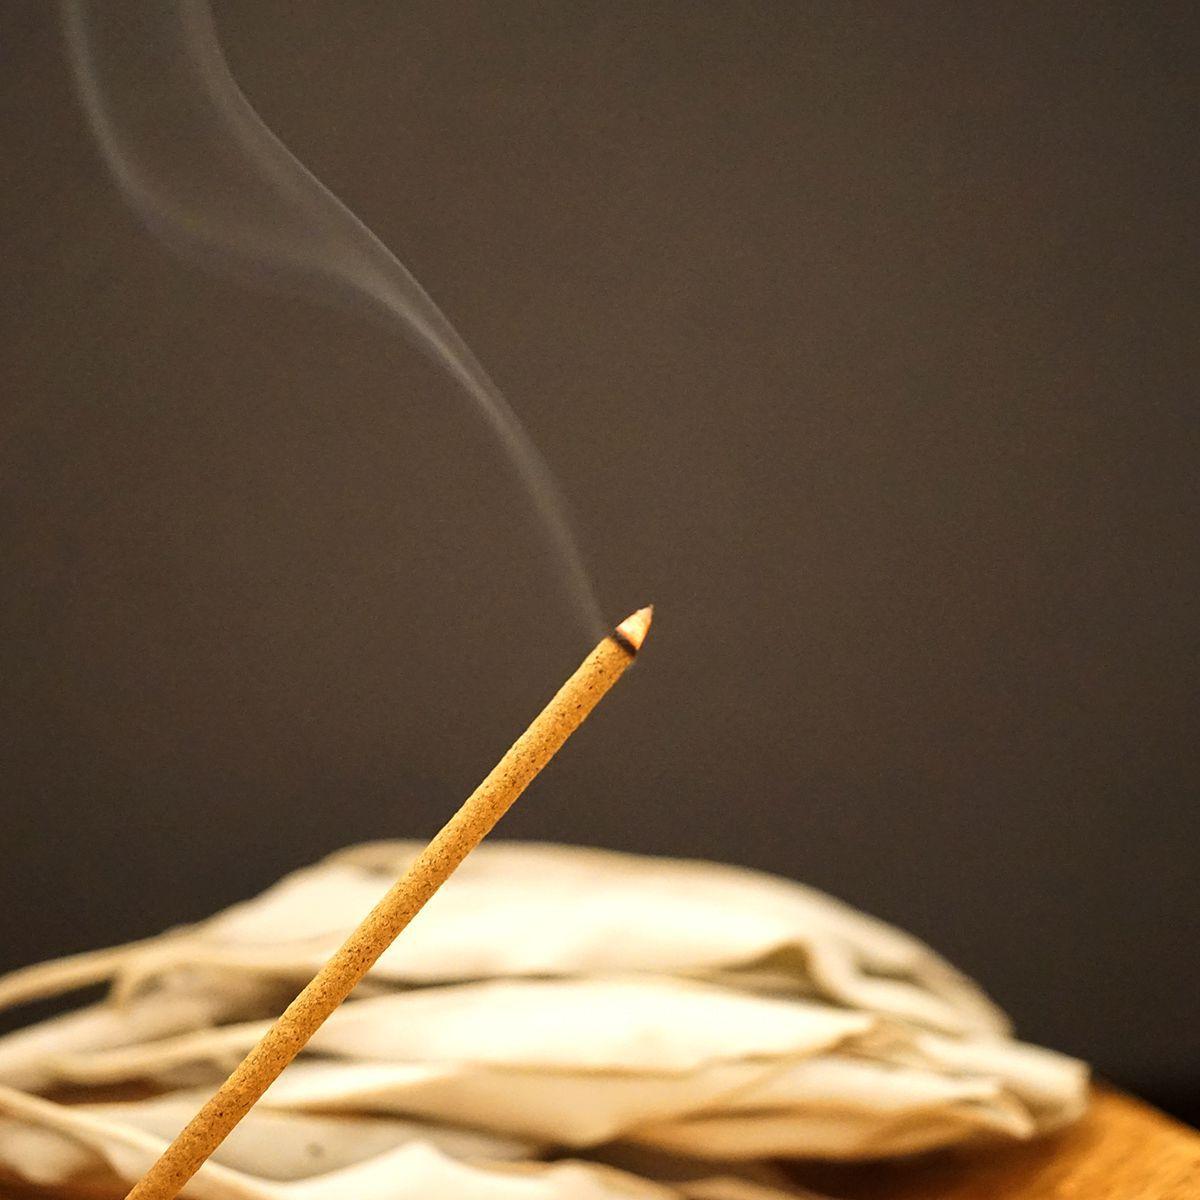 エクストラ・ホワイトセージ インセンス 浄化香 【スティックタイプ】 (天然成分100% & 日本製) LUCAS ルカス